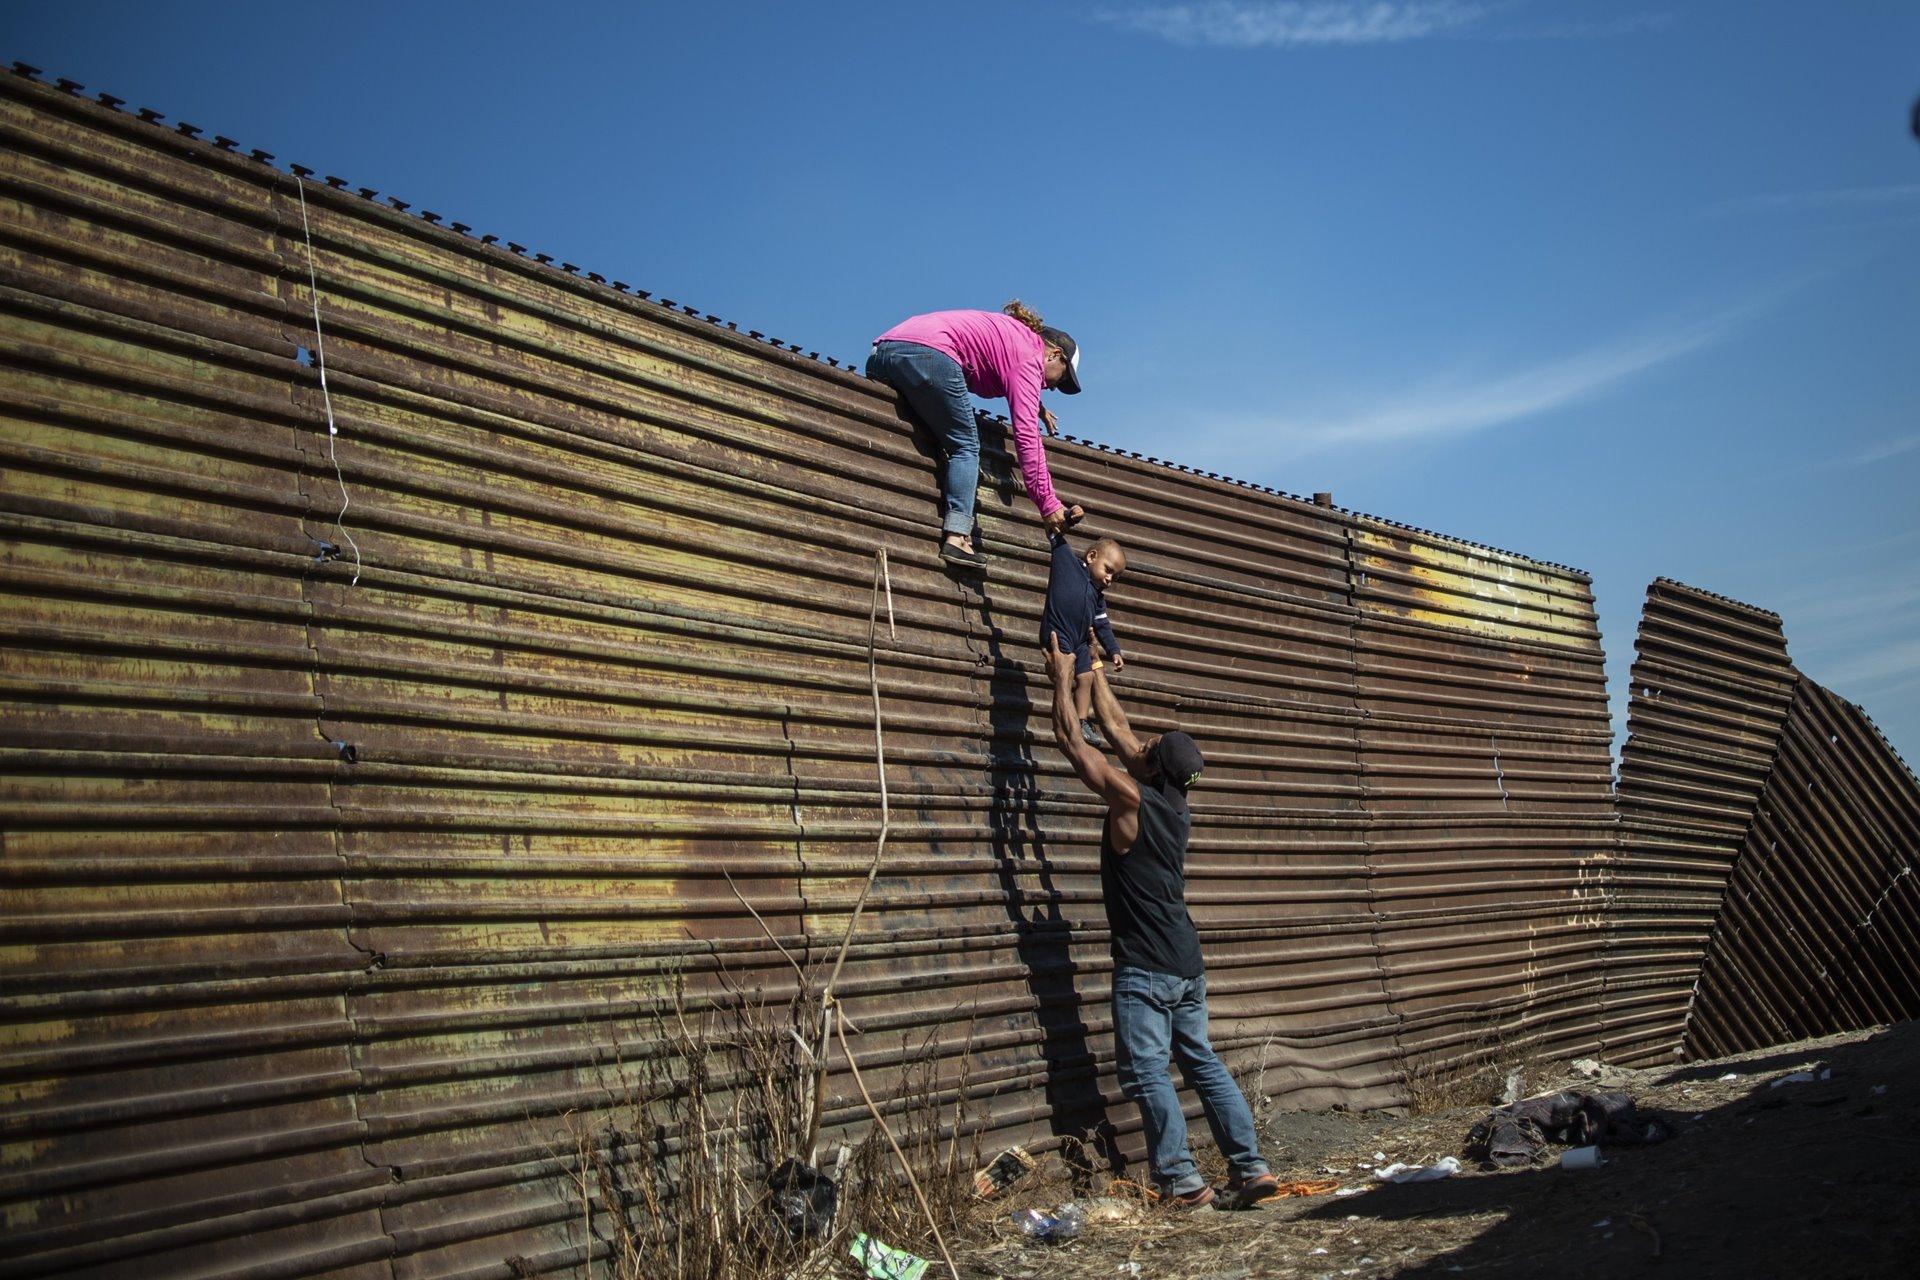 Inmigrantes centroamericanos trepan la frontera entre México y los Estados Unidos, cerca del cruce fronterizo de El Chaparral, Tijuana, en Baja California, México, el 25 de noviembre de 2018 / Foto: Pedro Pardo (AFP)